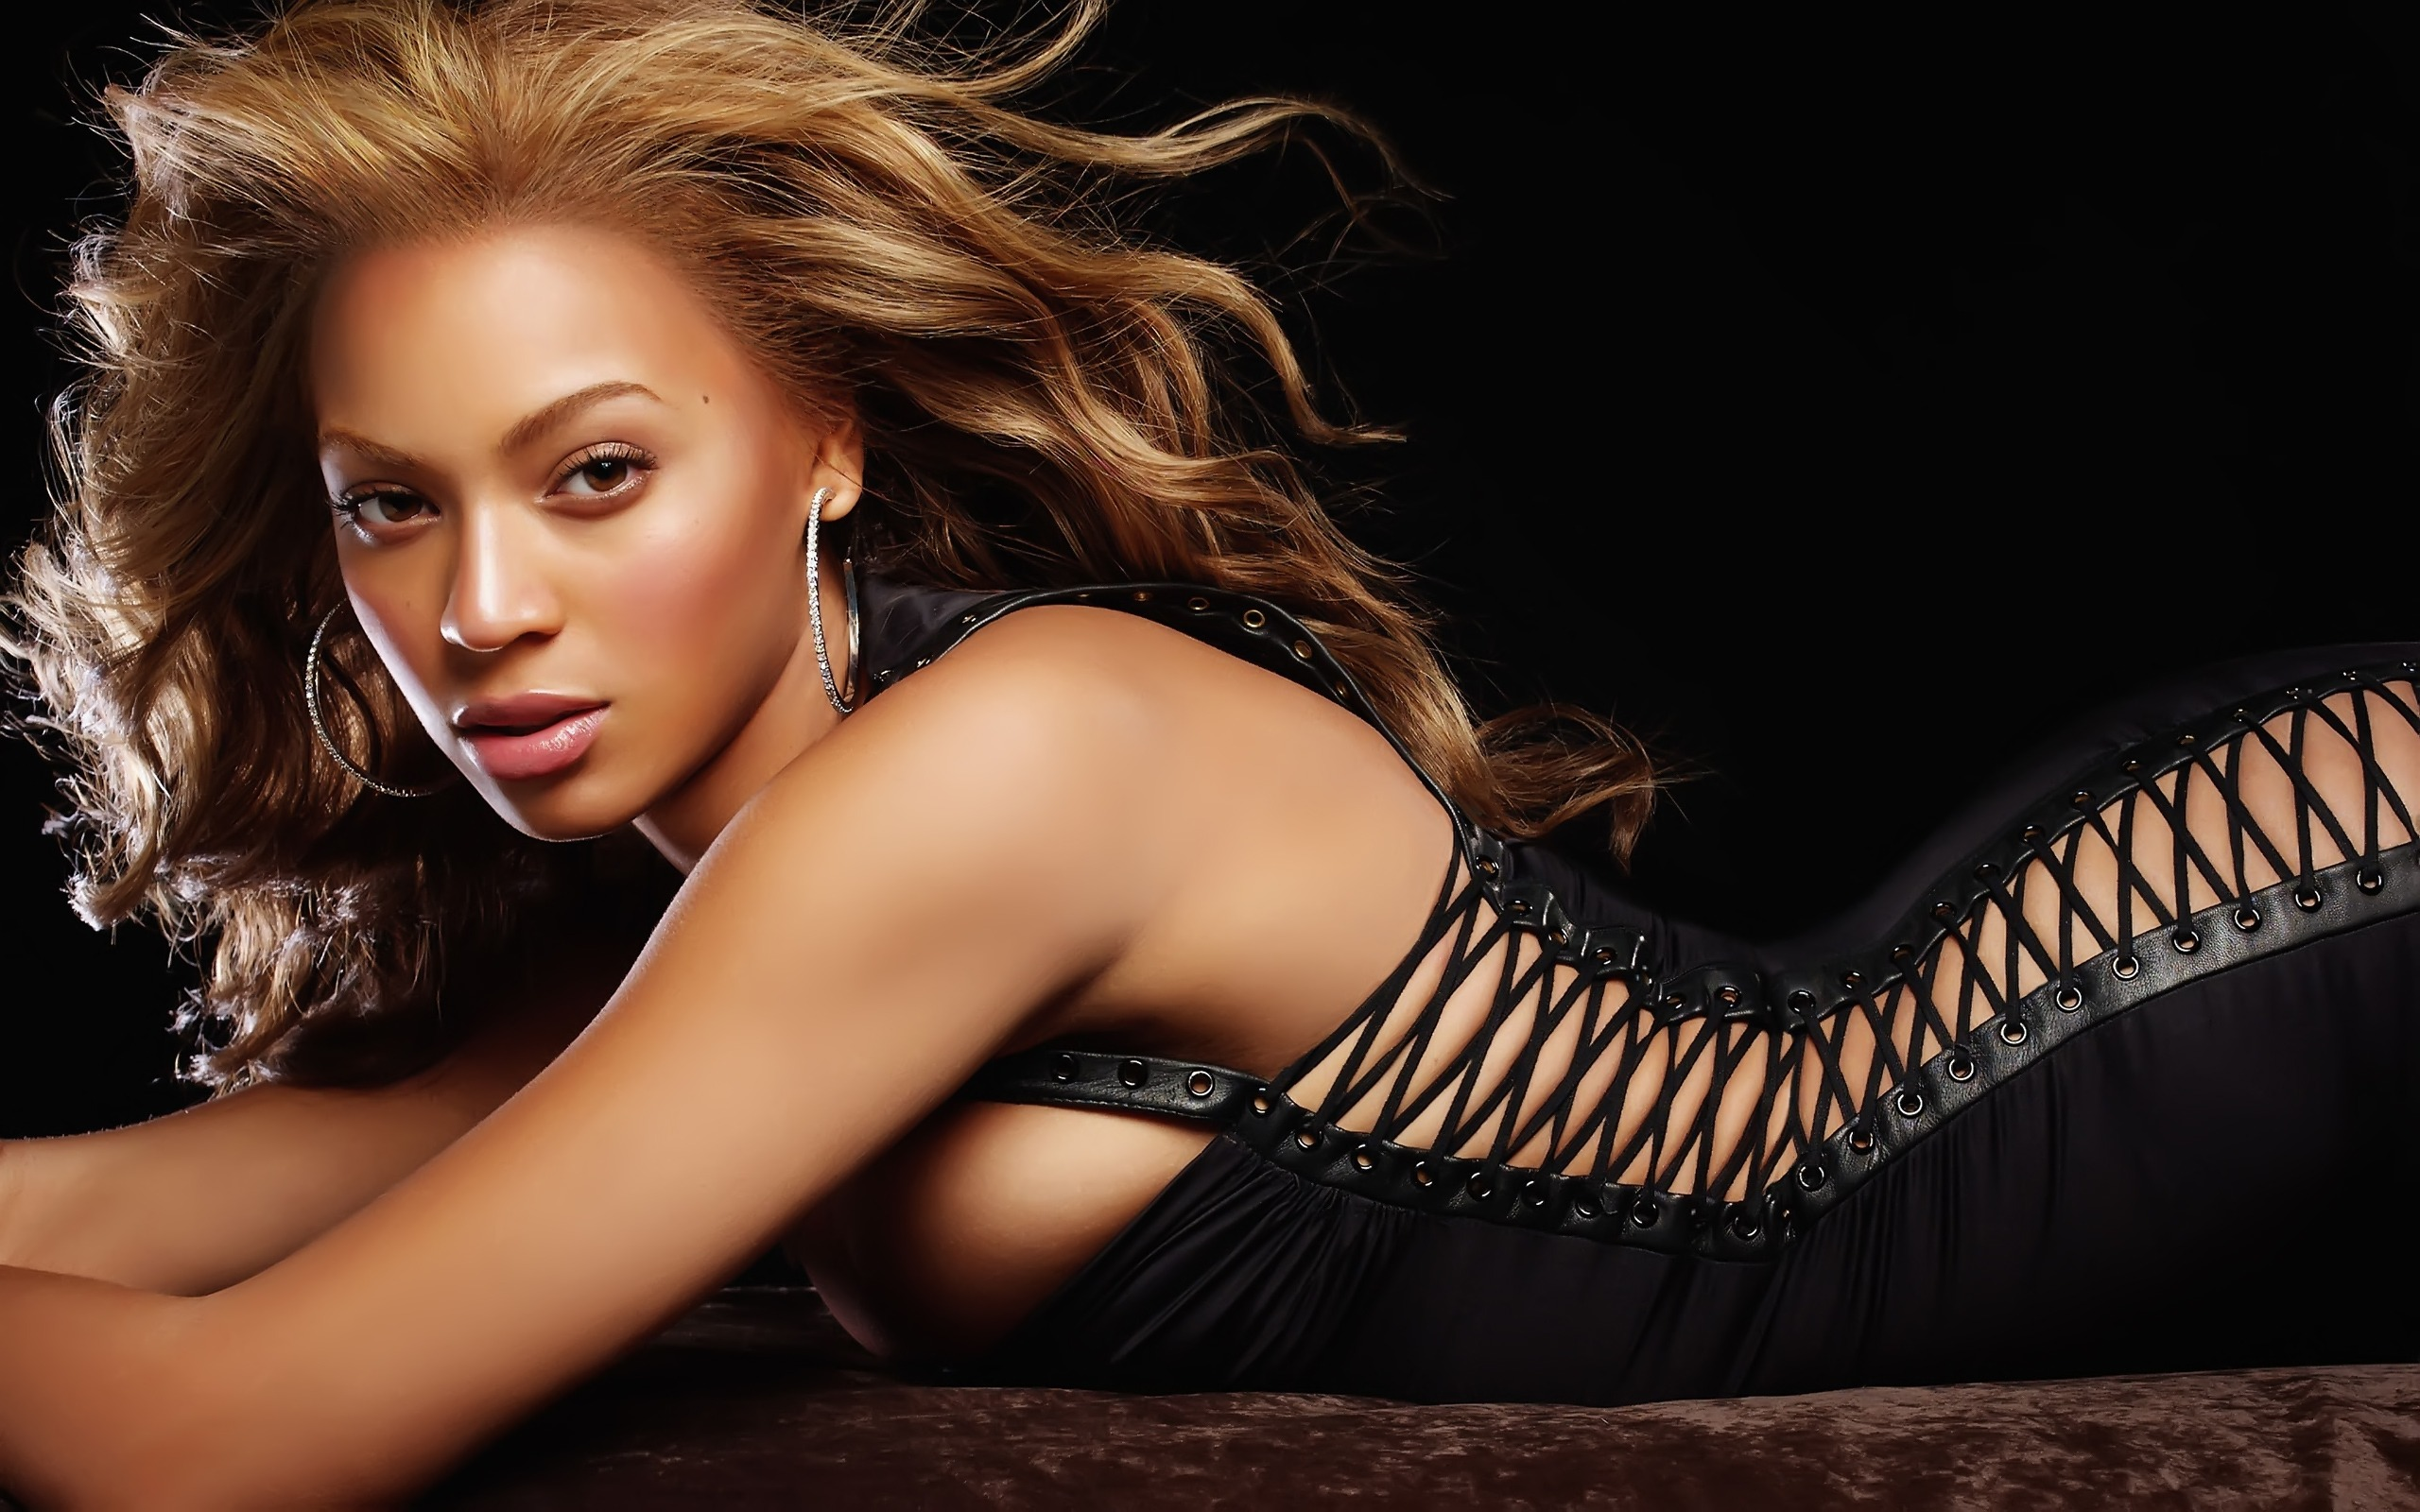 Hamileliğinde çok kilo alan Beyonce, eski kıvrımlarına dönmekte zorlanmadı. Doğumdan sonra 29 kilo veren Beyonce'nin kliplerinde, kıvrımlarına, eskisine oranla daha fazla dikkat çektiği görülüyor.